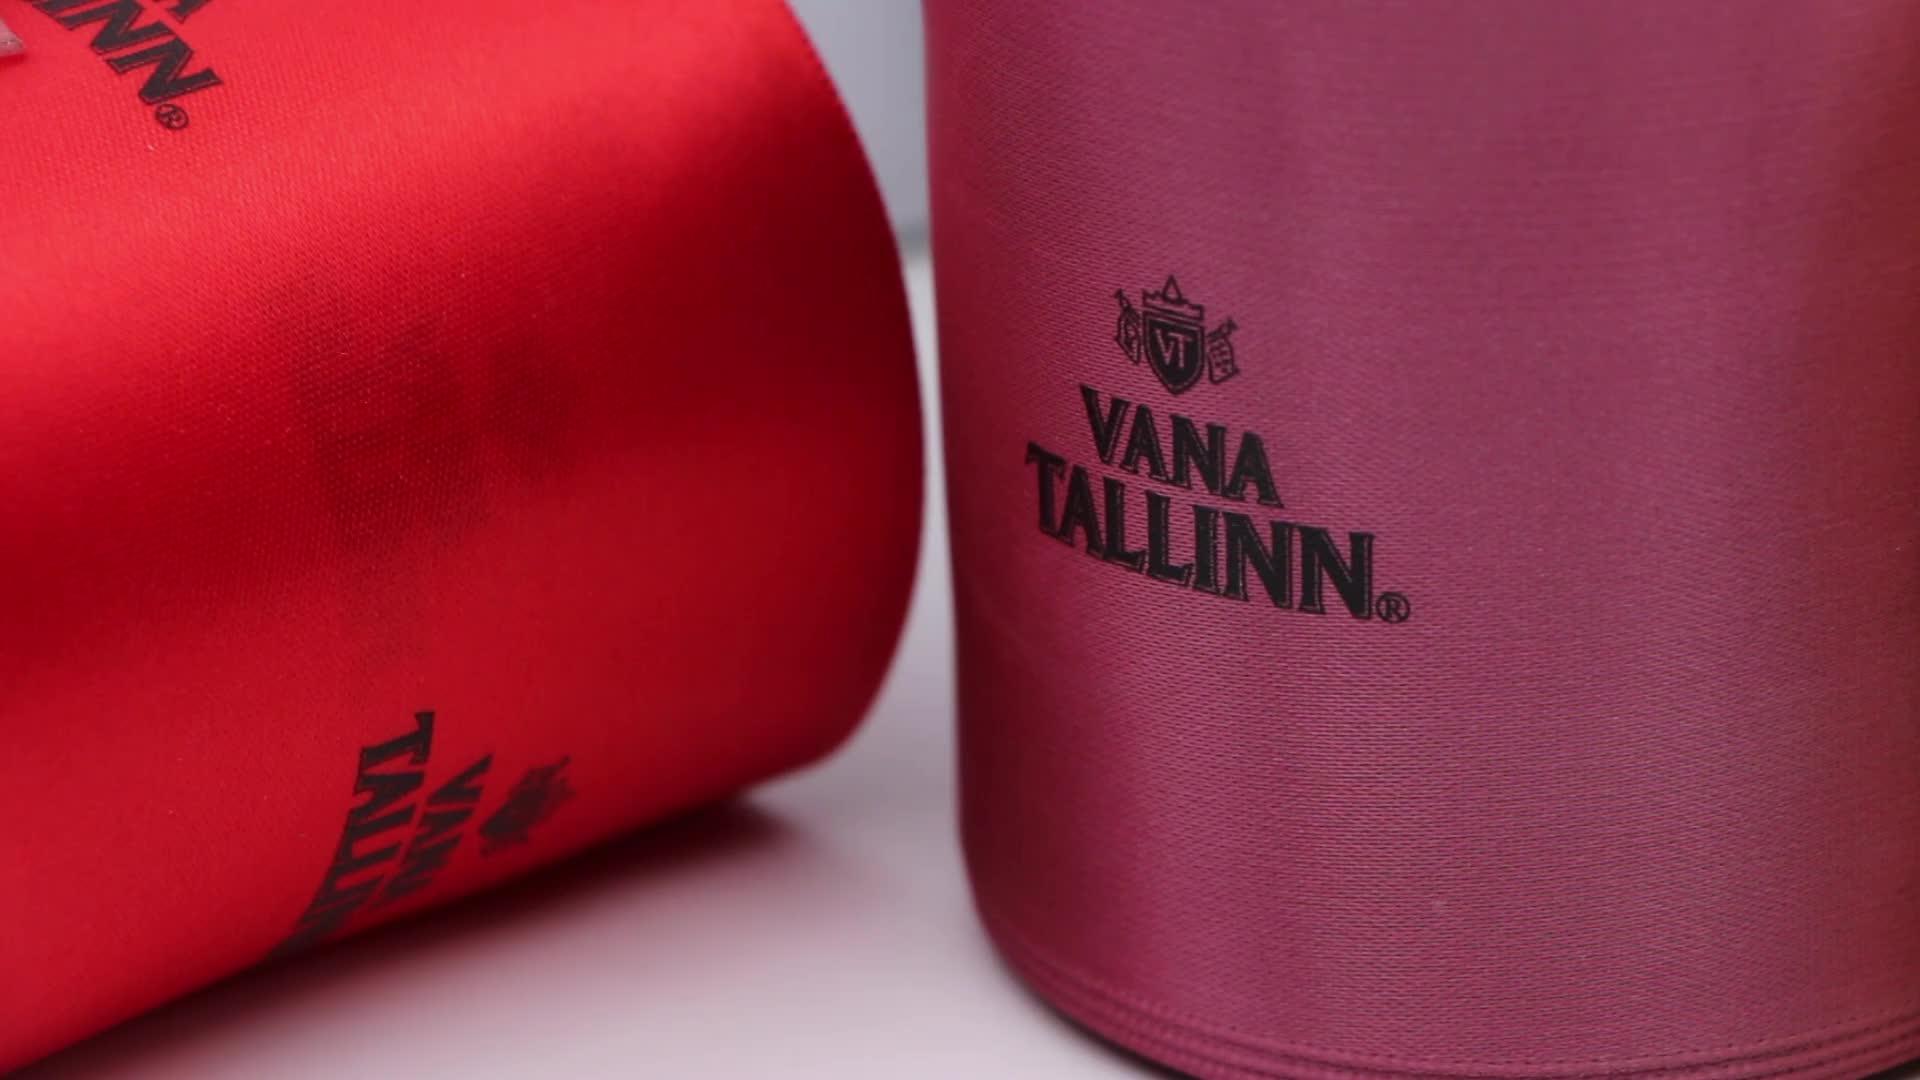 Personnalisé deux couleurs impression ruban satin imprimante pour l'impression sur le ruban de satin